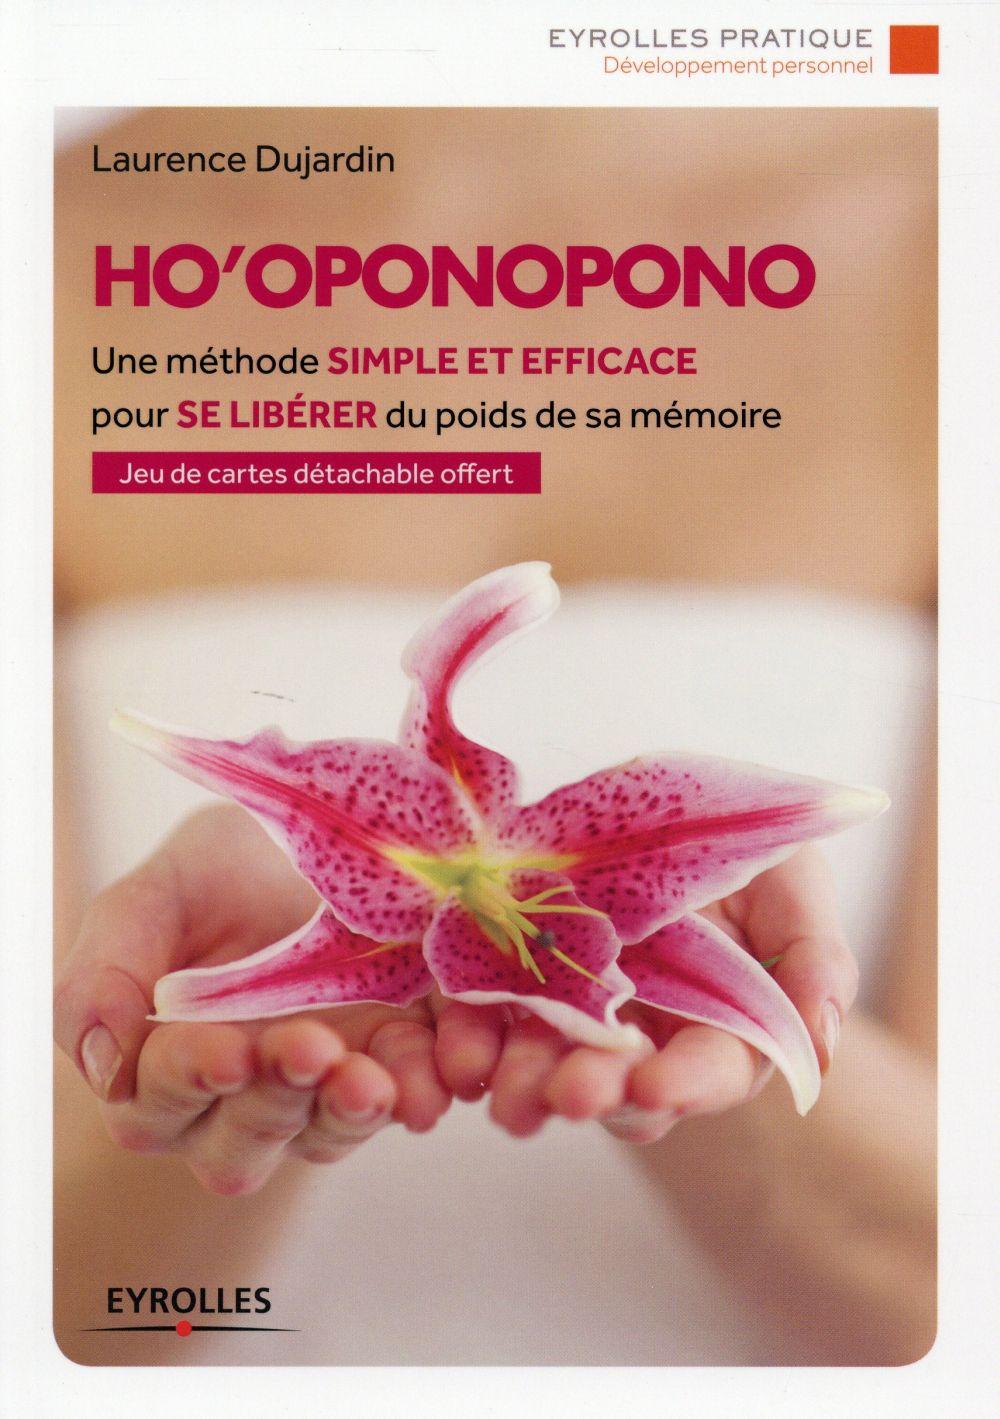 Ho'oponopono ; une méthode simple et efficace pour se libérer du poids de sa mémoire